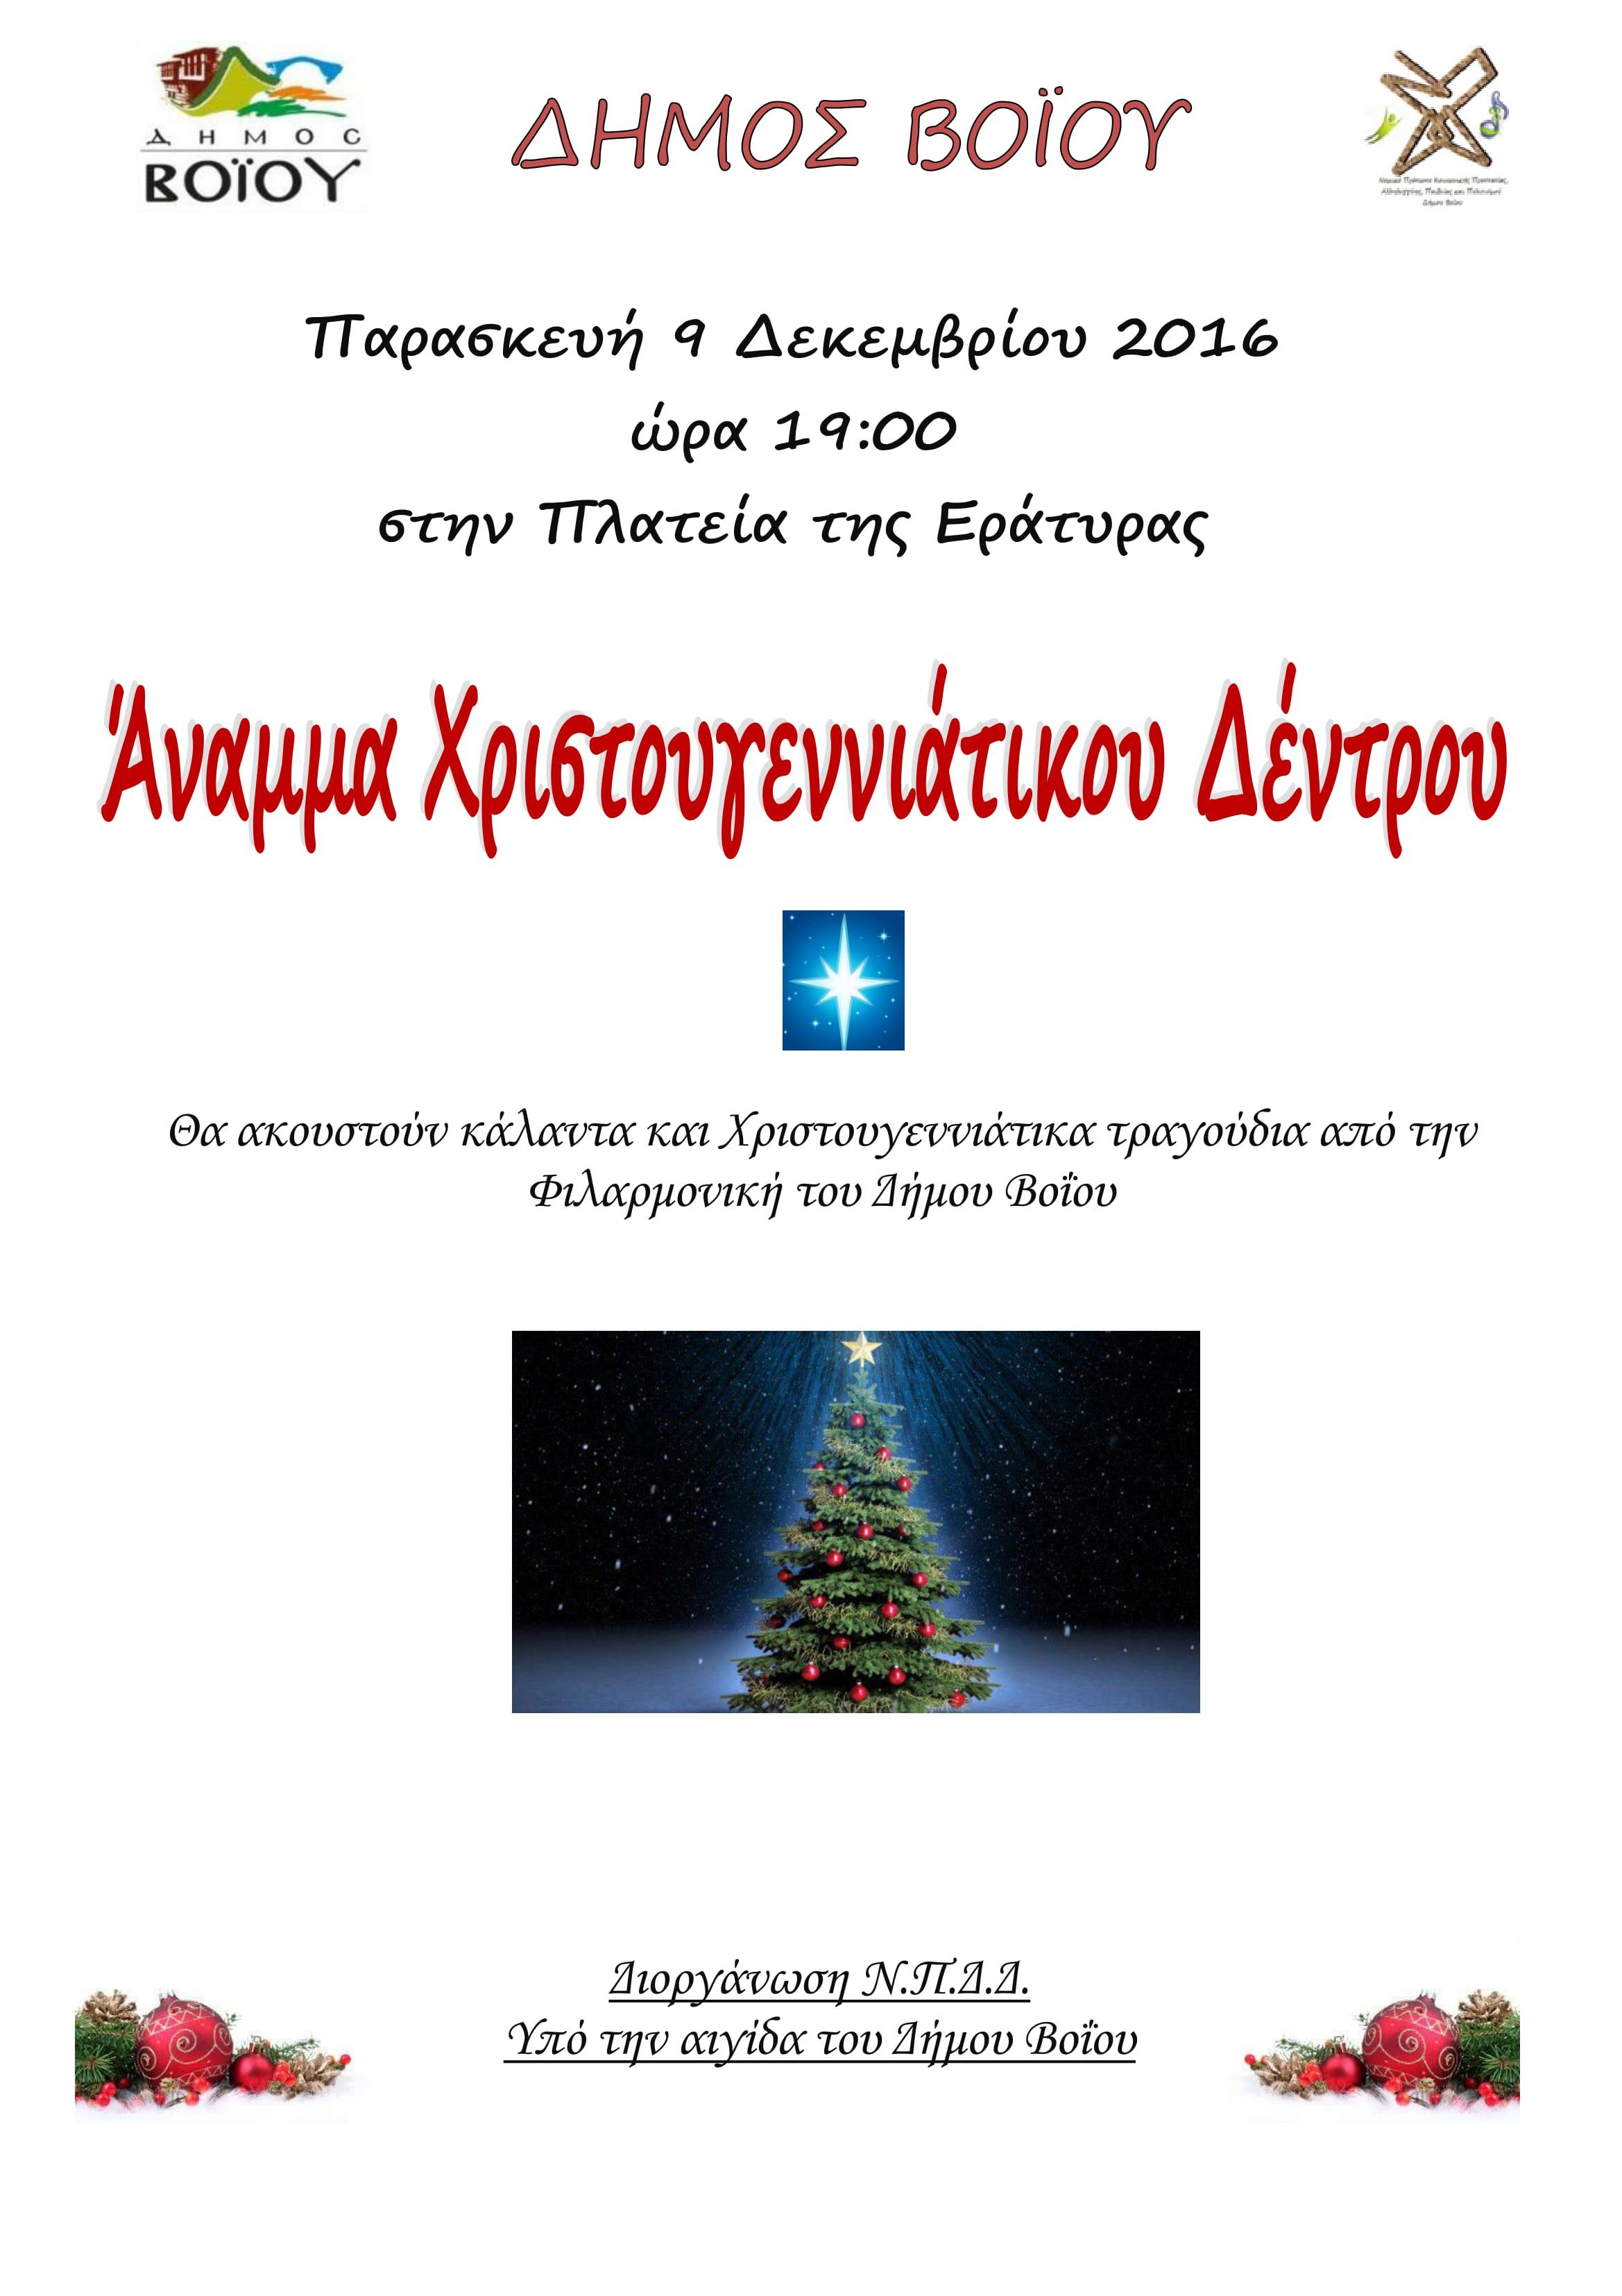 Εράτυρα: Άναμμα του δέντρου με κάλαντα και Χριστουγεννιάτικα τραγούδια